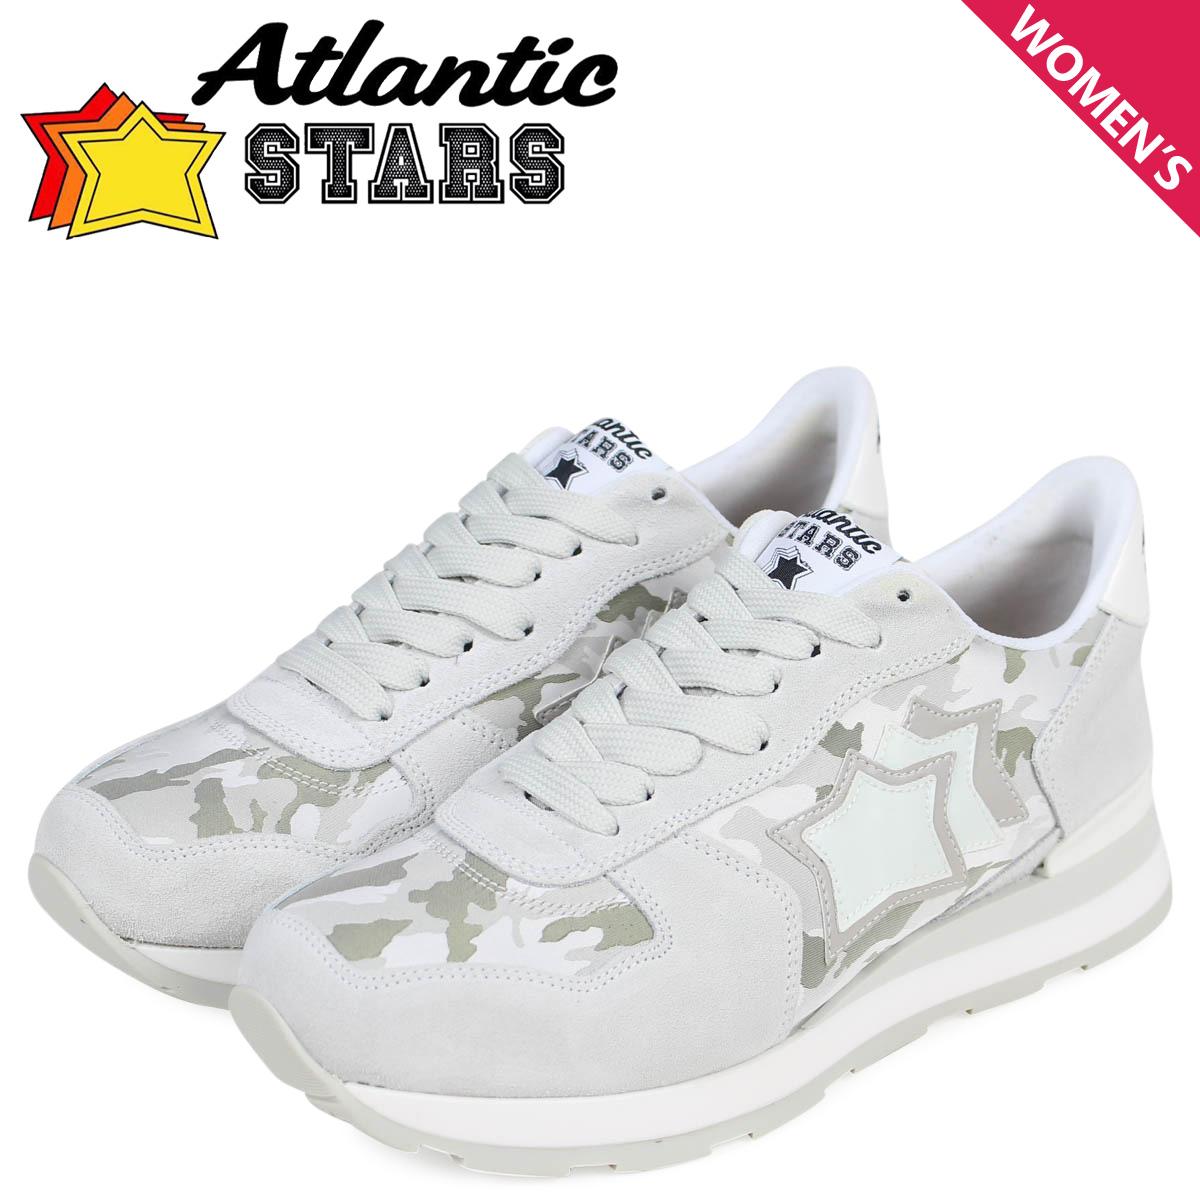 アトランティックスターズ レディース スニーカー Atlantic STARS ベガ VEGA BMB-86B ホワイト [2/15 新入荷]